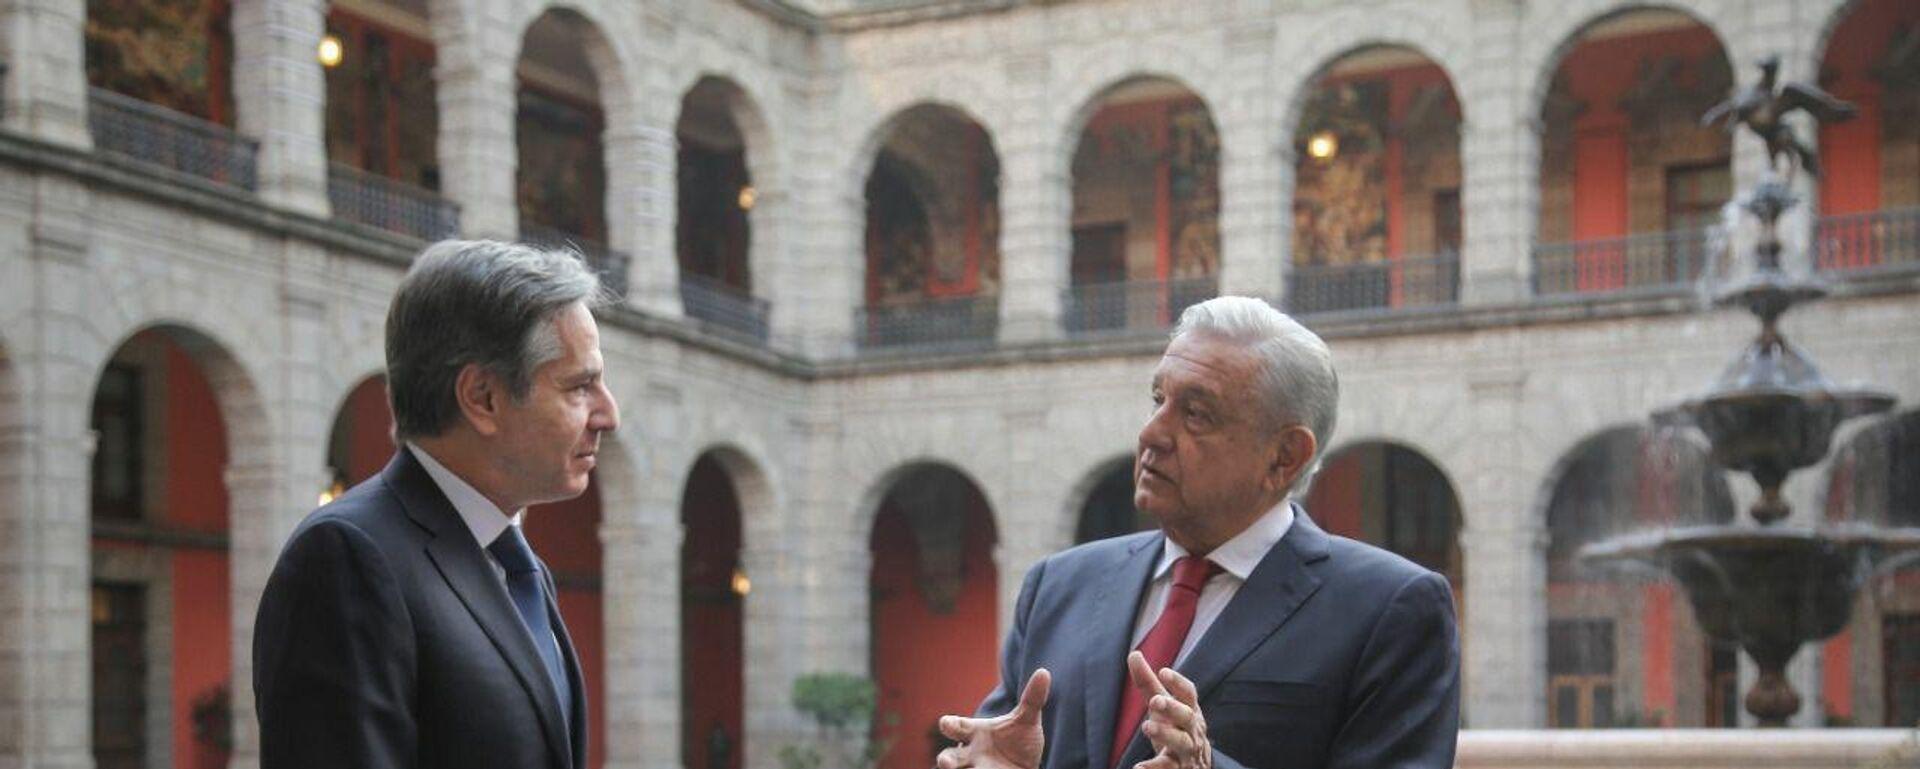 Antony Blinken  y Andrés Manuel López Obrador  - Sputnik Mundo, 1920, 08.10.2021